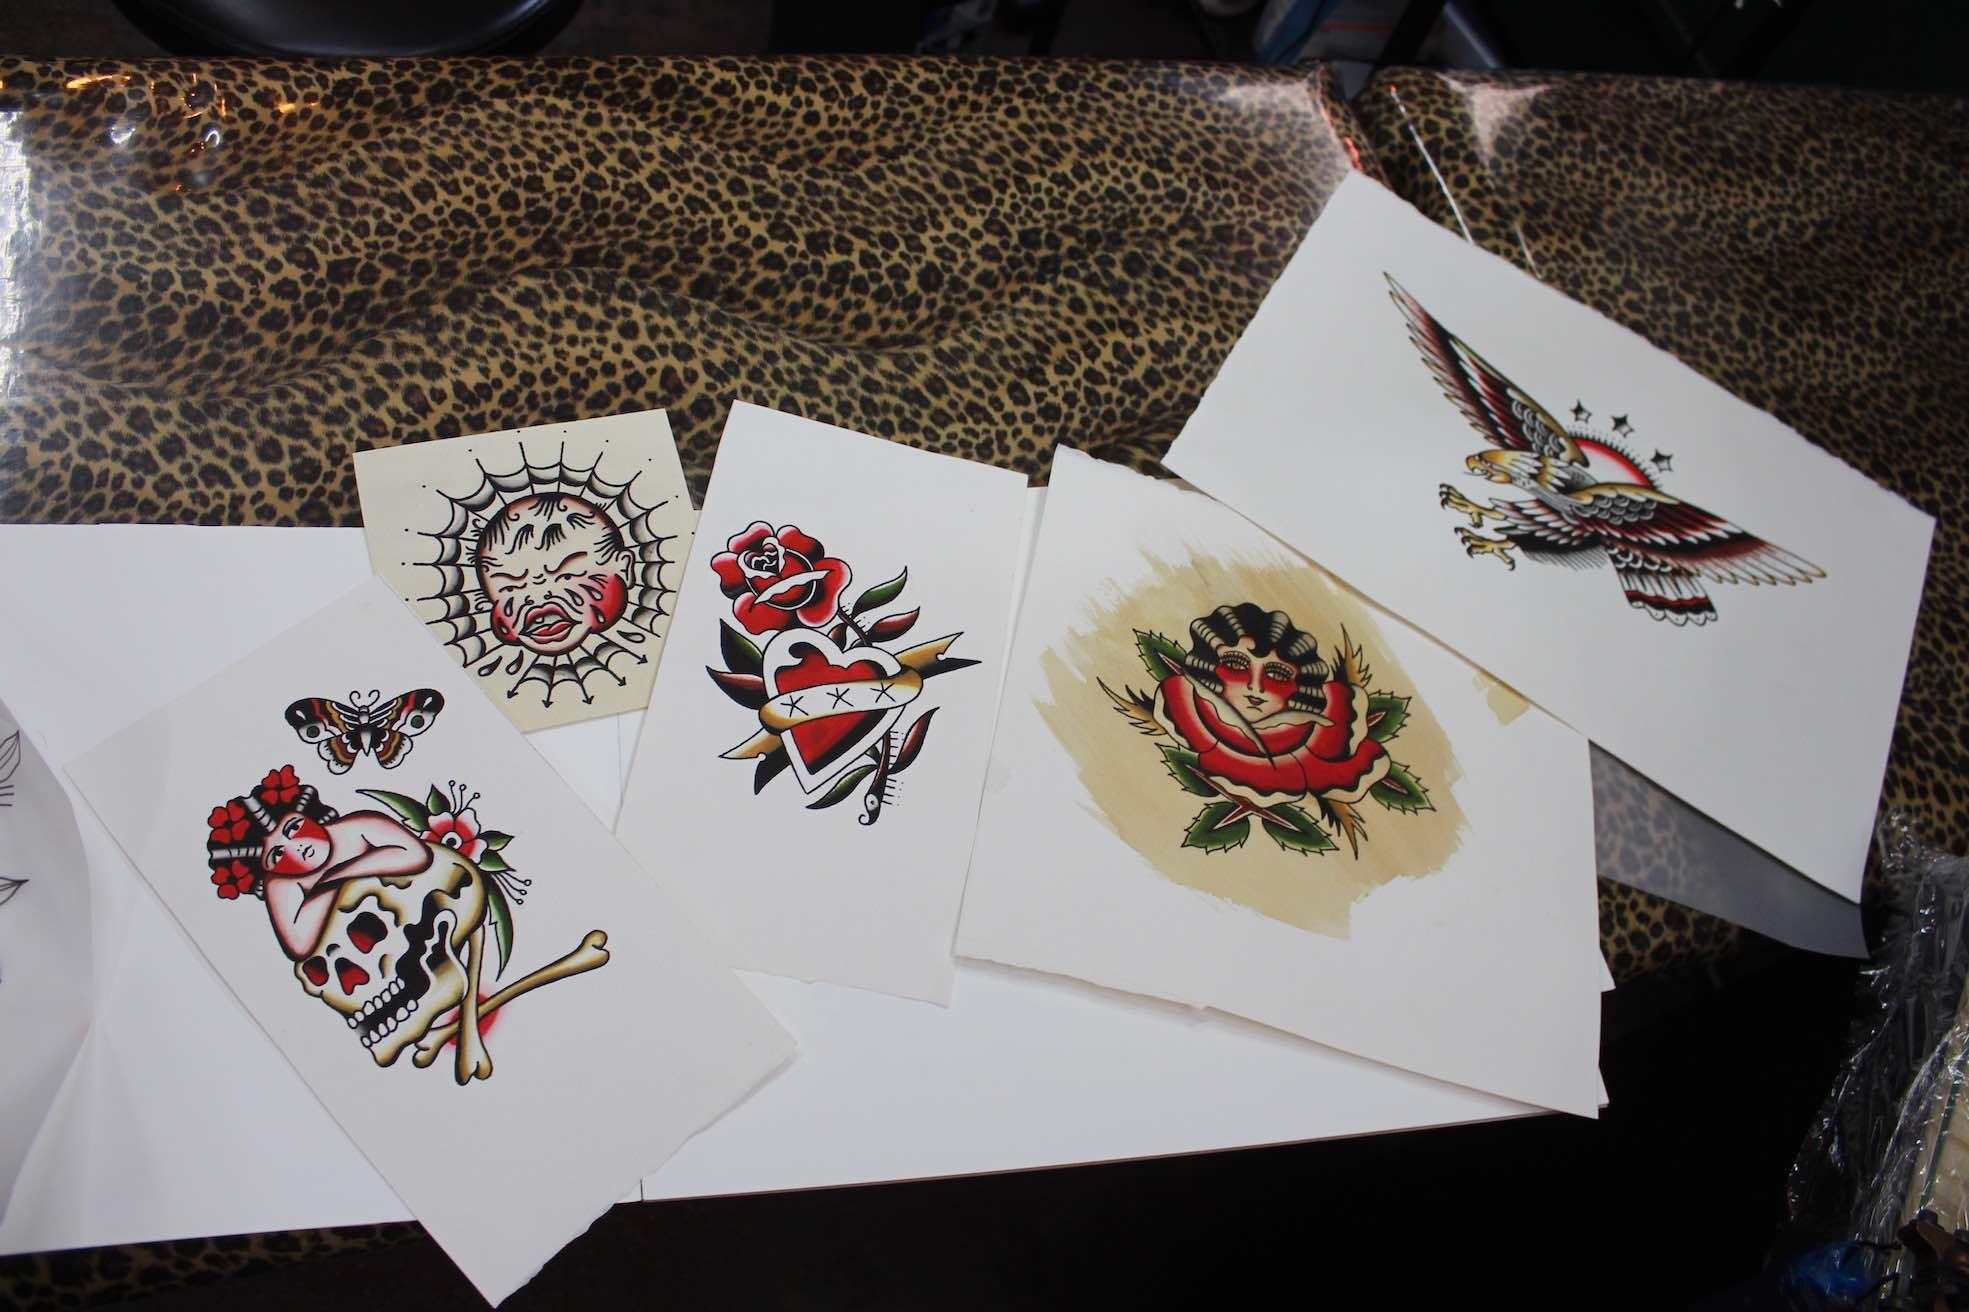 Paintings done by tattoo artist Wesley von Blerk